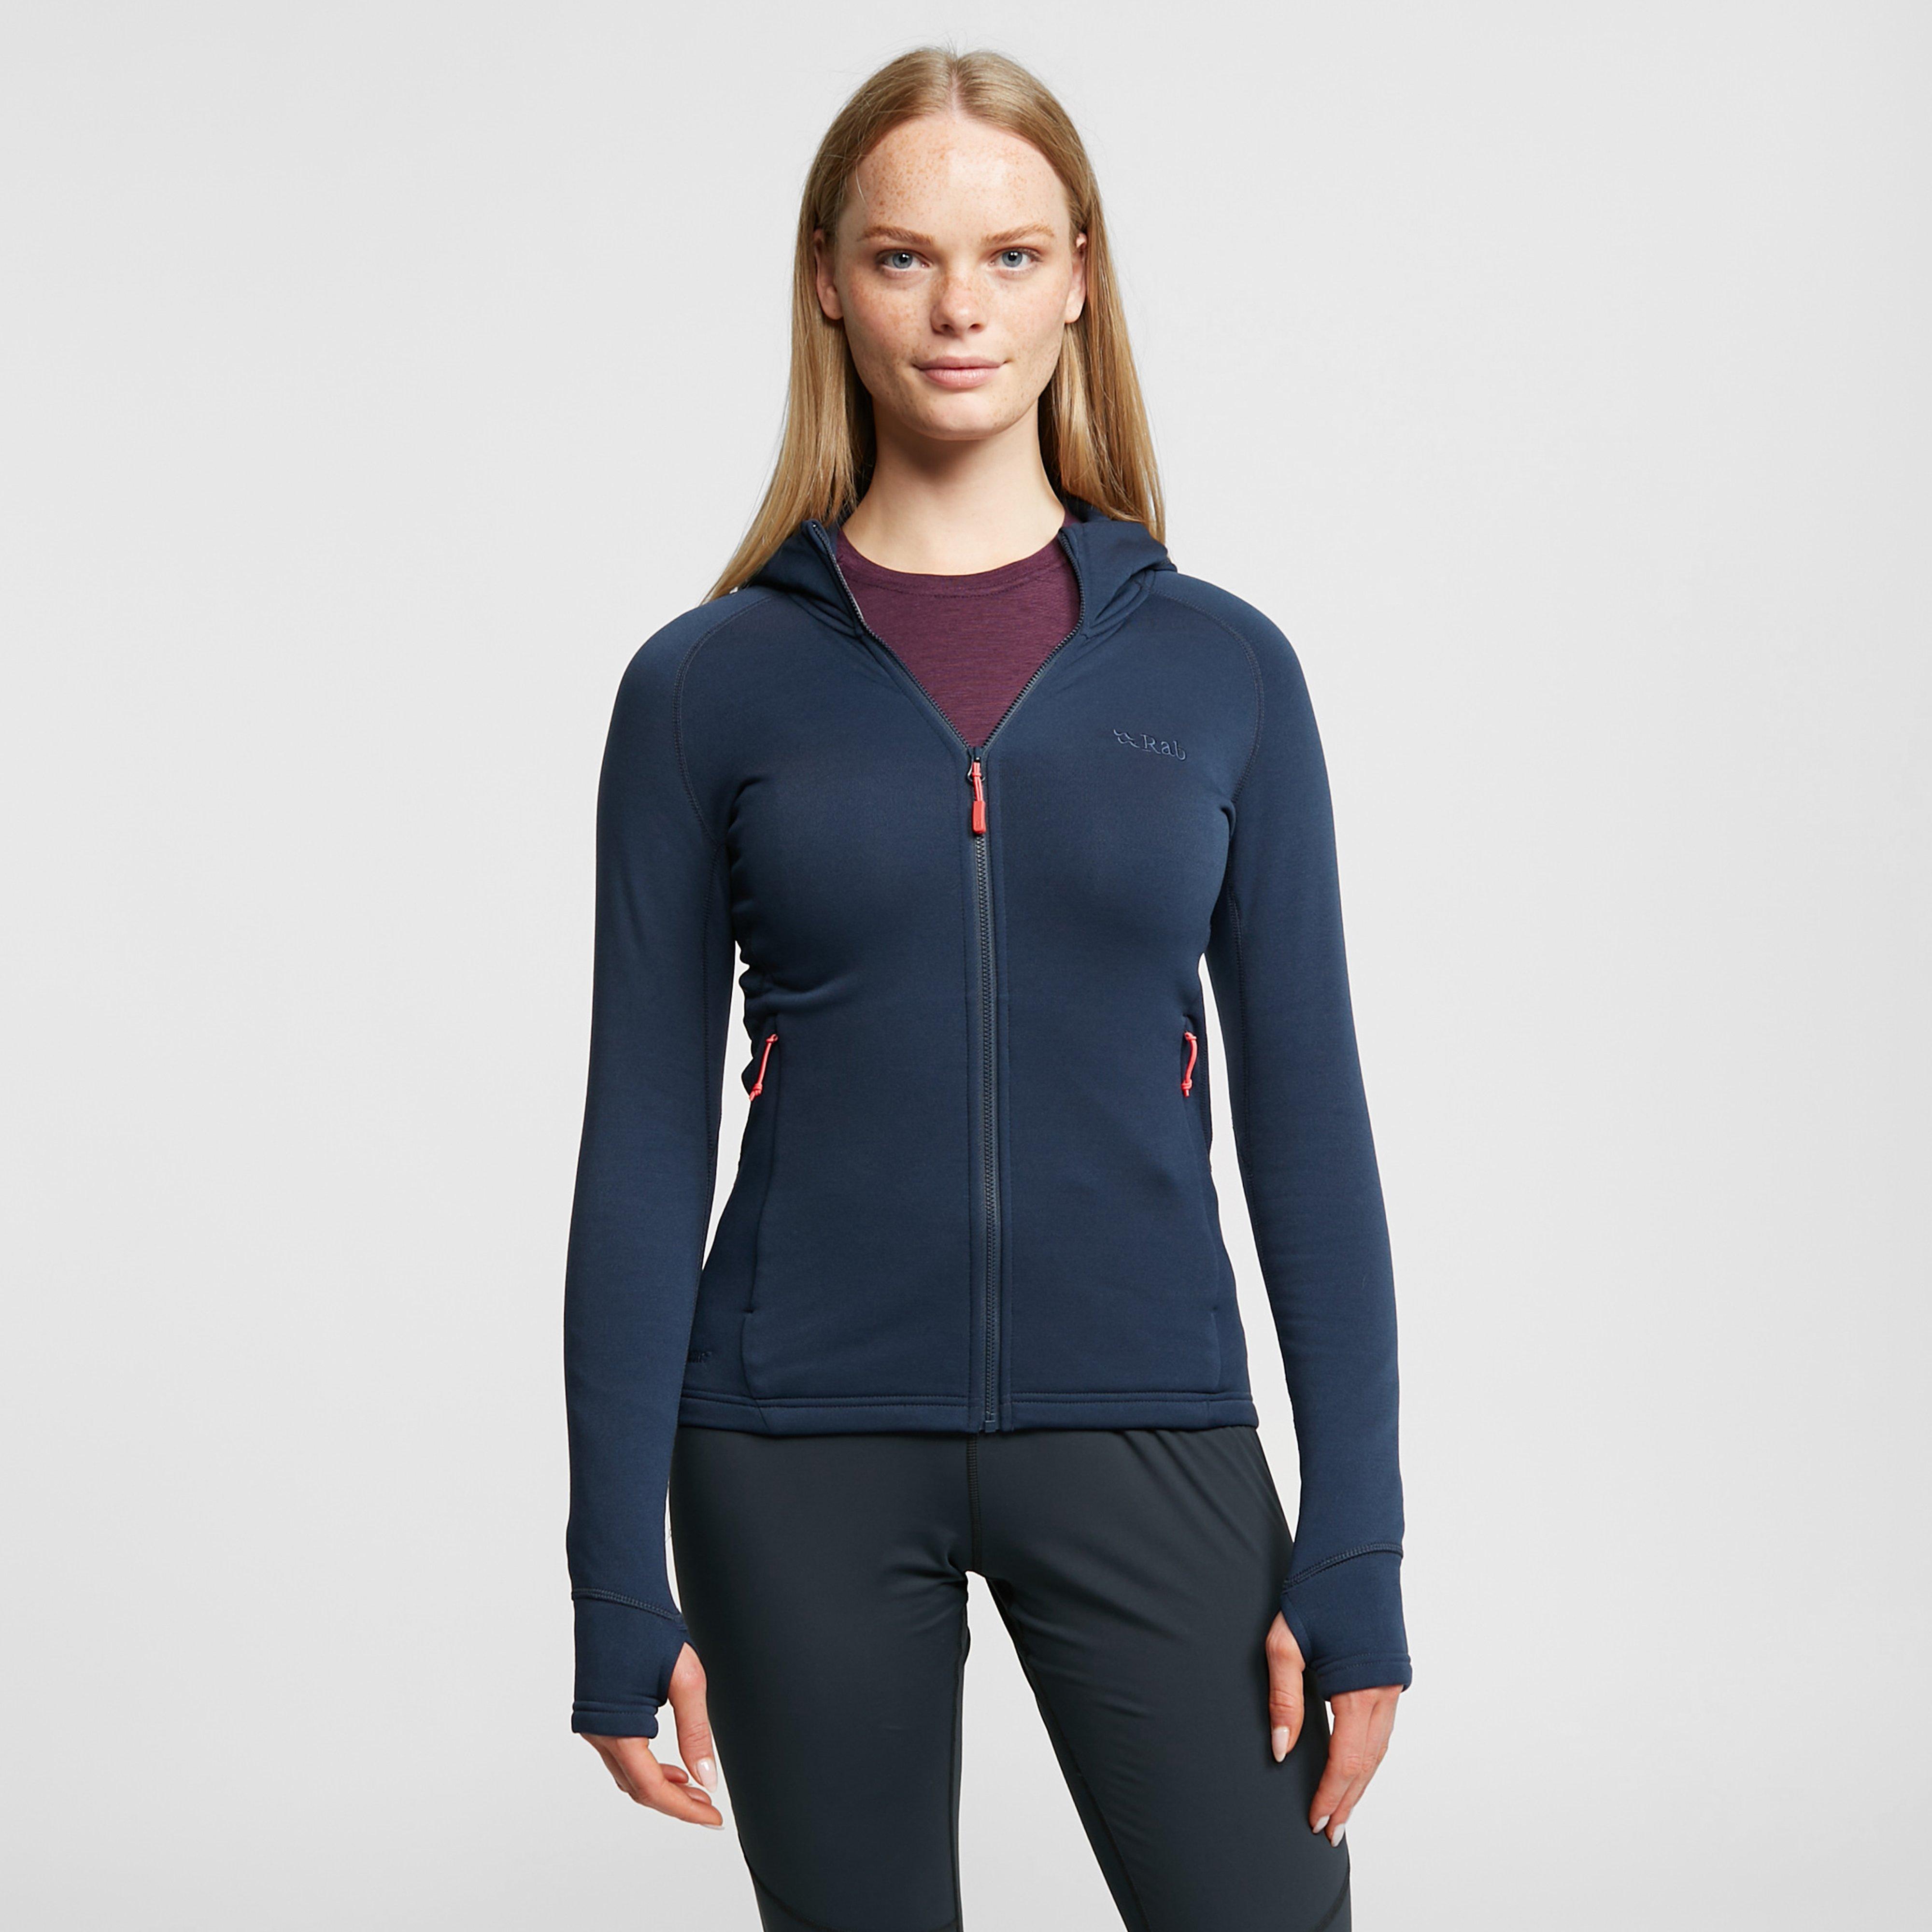 Rab Rab Womens Power Stretch Pro Jacket